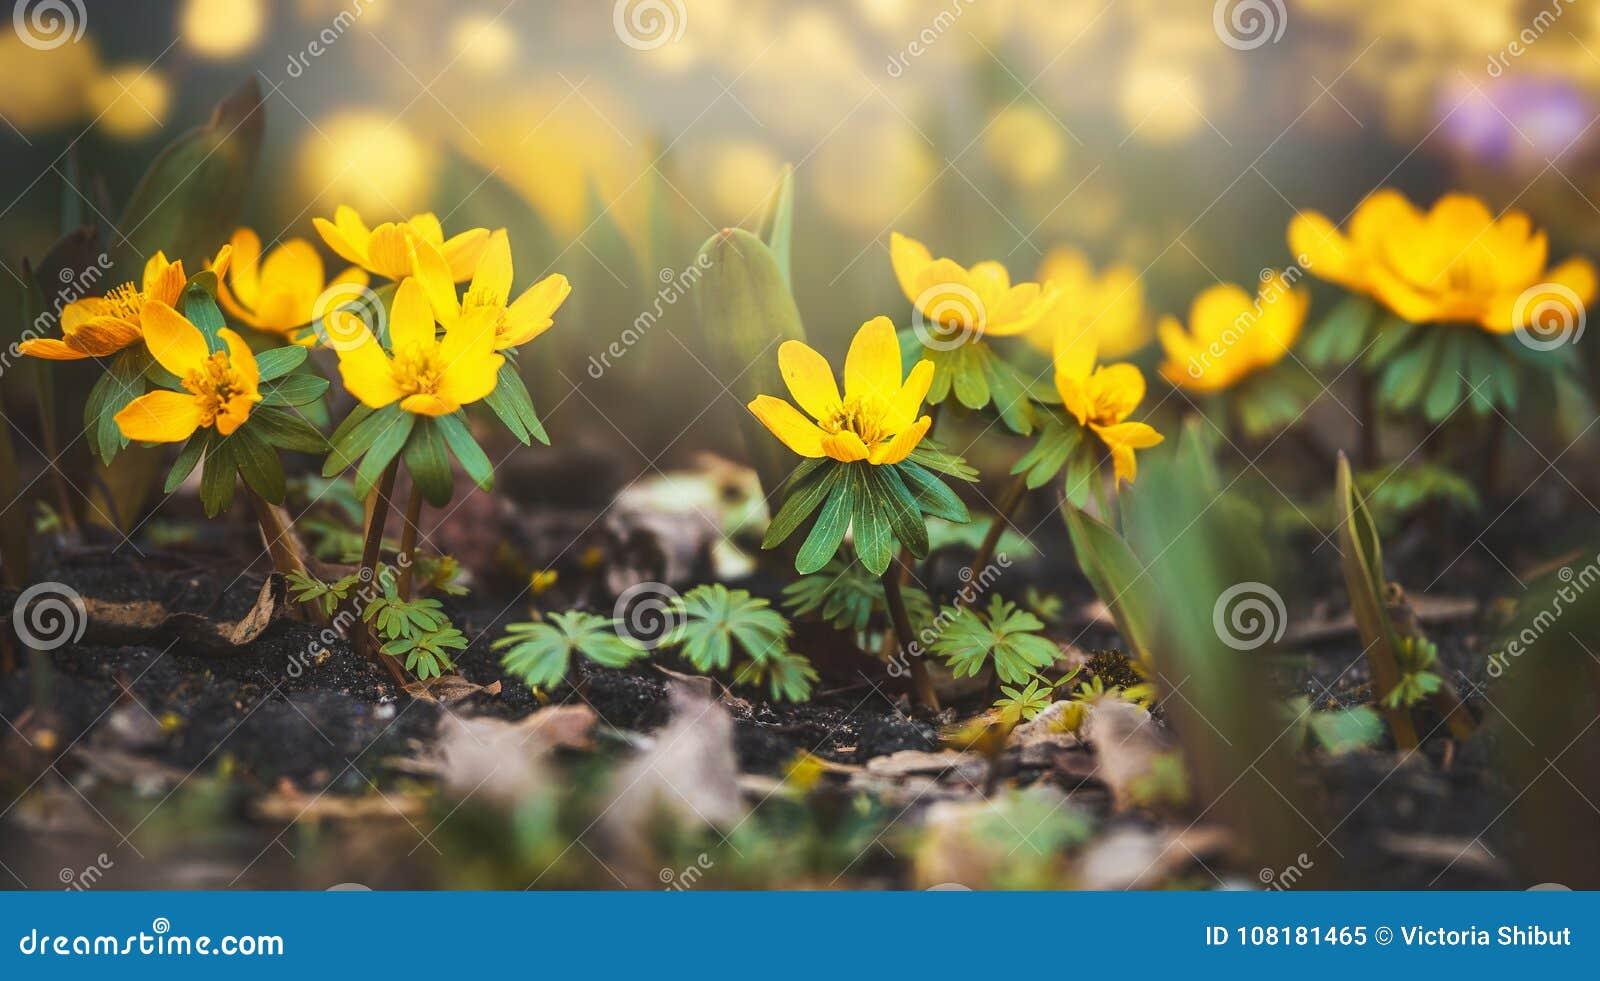 Fiori Gialli Foto.Fiori Gialli Selvaggi Del Ranuncolo Primavera Immagine Stock